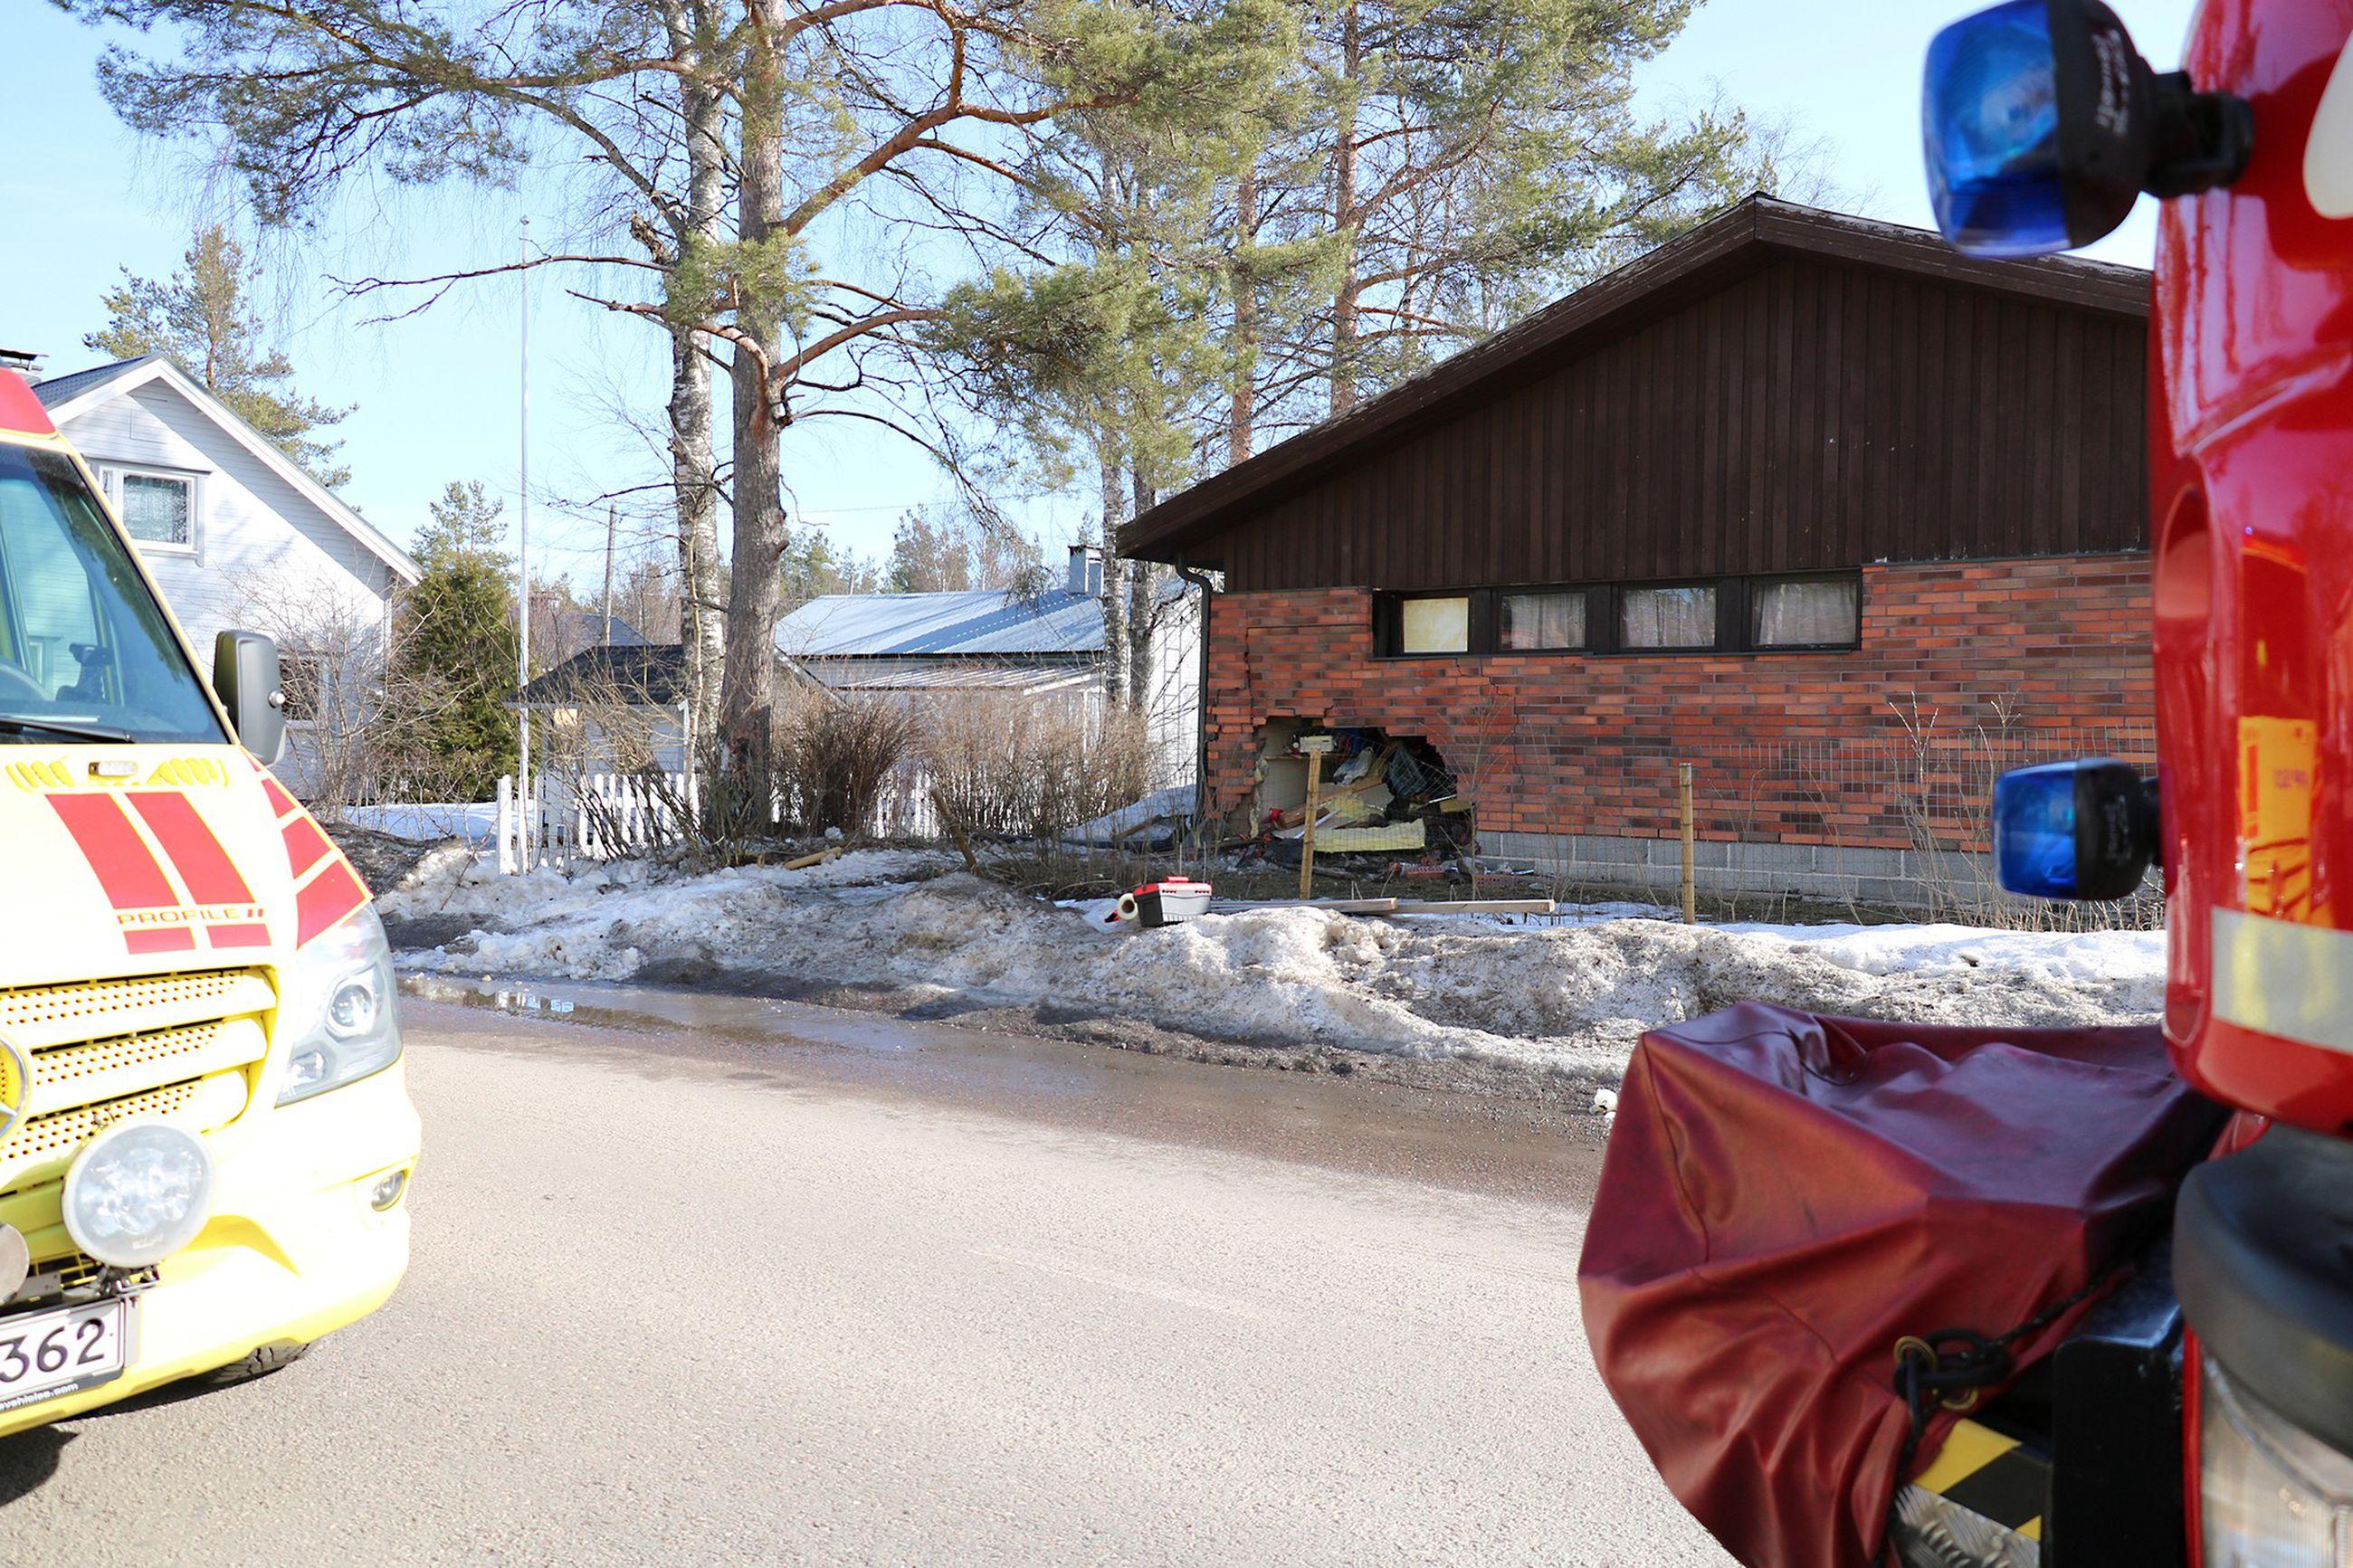 Poliisi Tutkimassa Onnettomuuspaikkaa: Auto Ajoi Seinään Oulaisissa